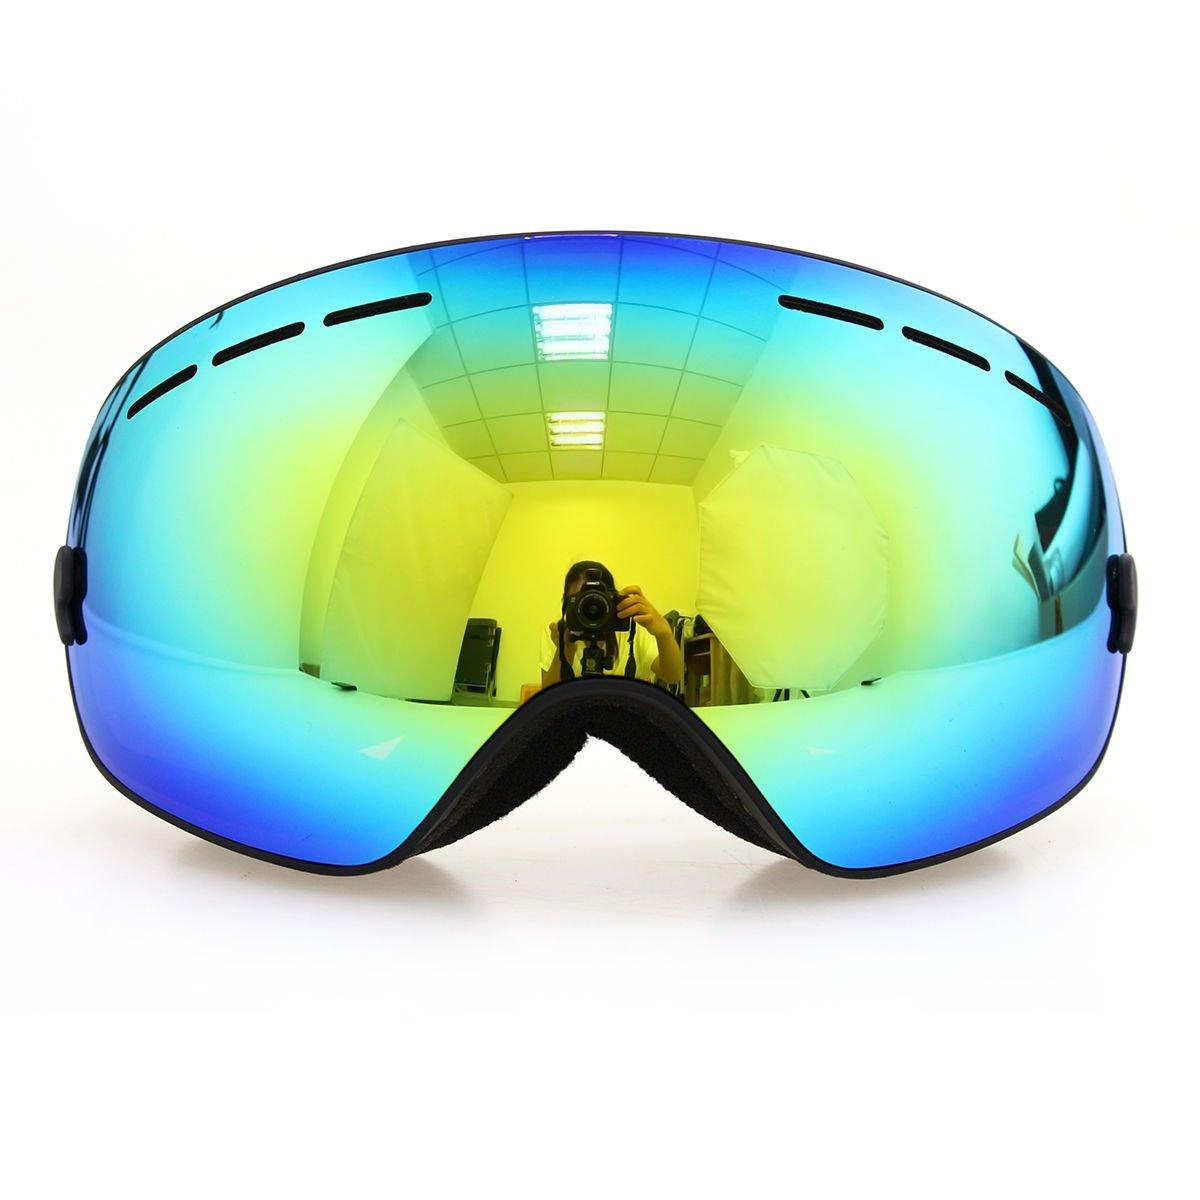 フレームブラックゴーグルスキースノーボードゴーグル曇り止めuv400冬スポーツスキーゴーグルセット